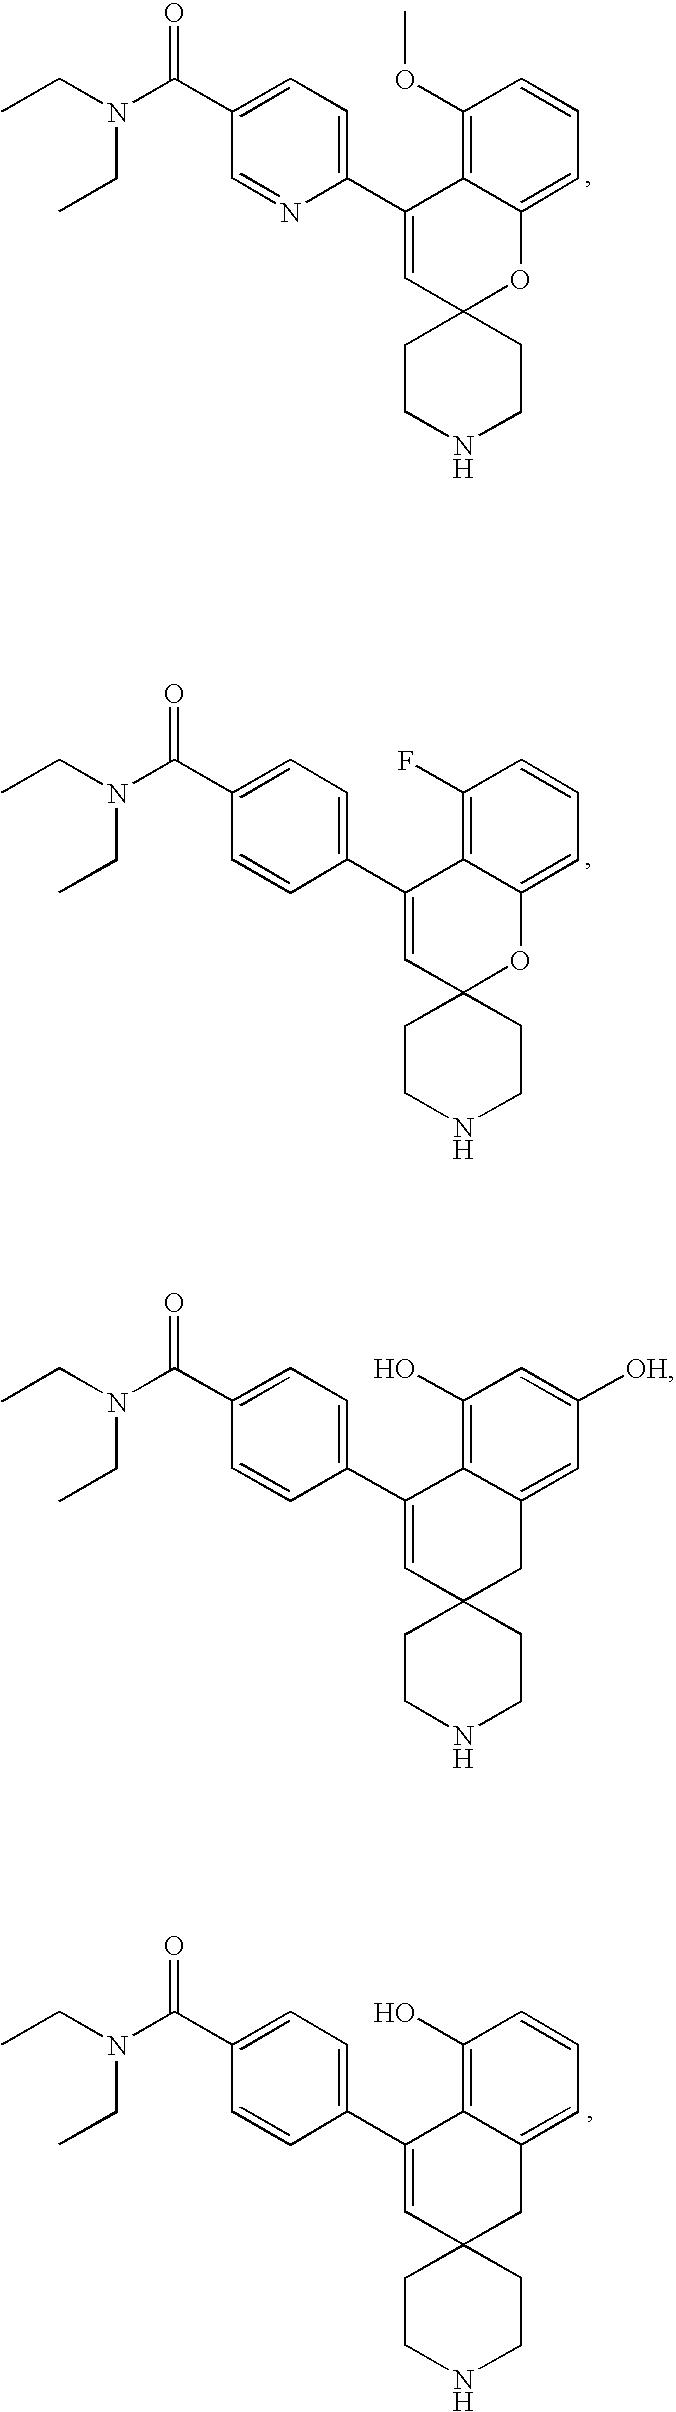 Figure US07598261-20091006-C00059